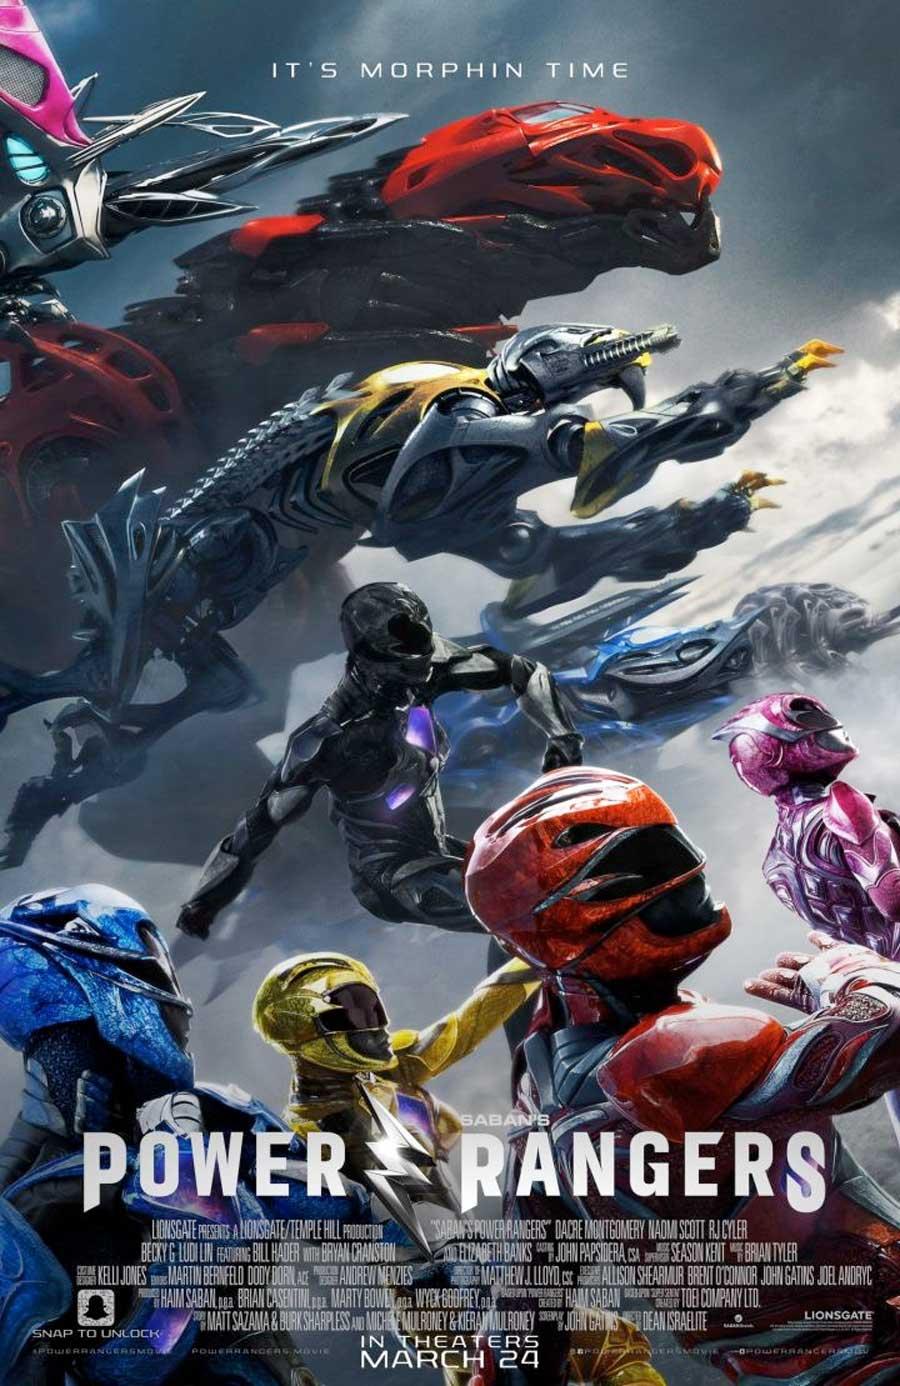 Poster for Power Rangers